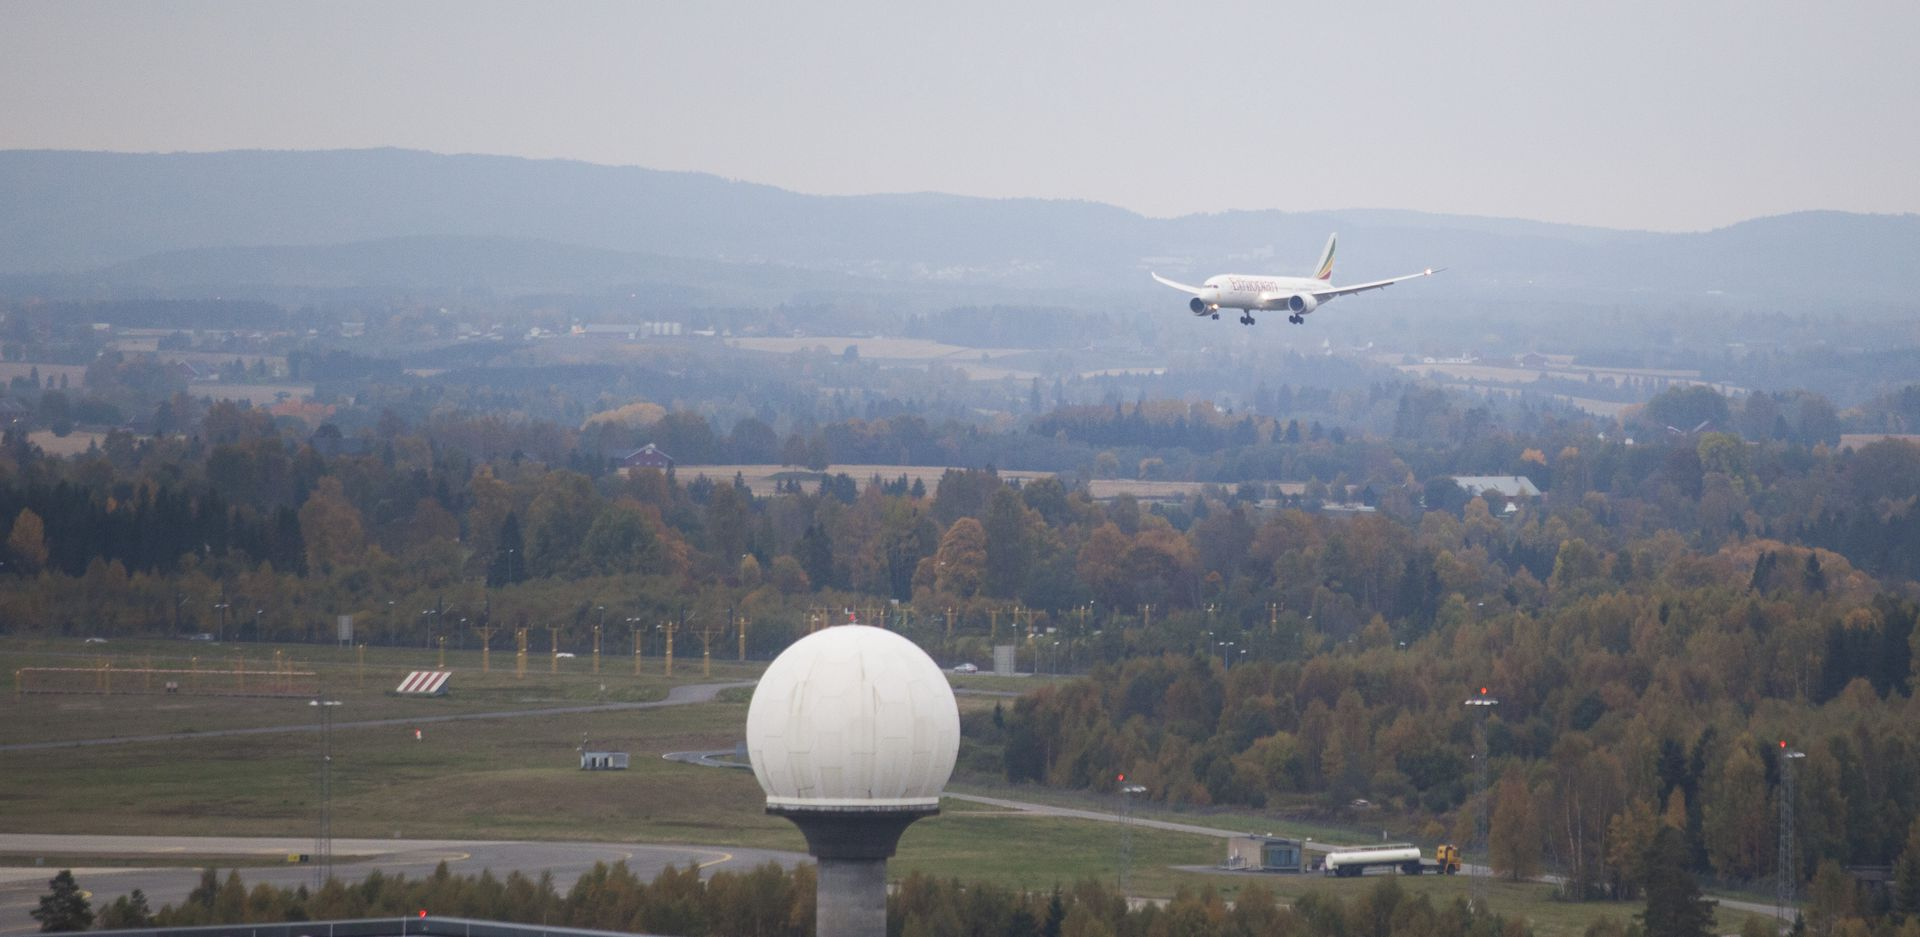 ANNONSE: Bygger opp kompetanse for å videreutvikle norsk luftfartsteknologi